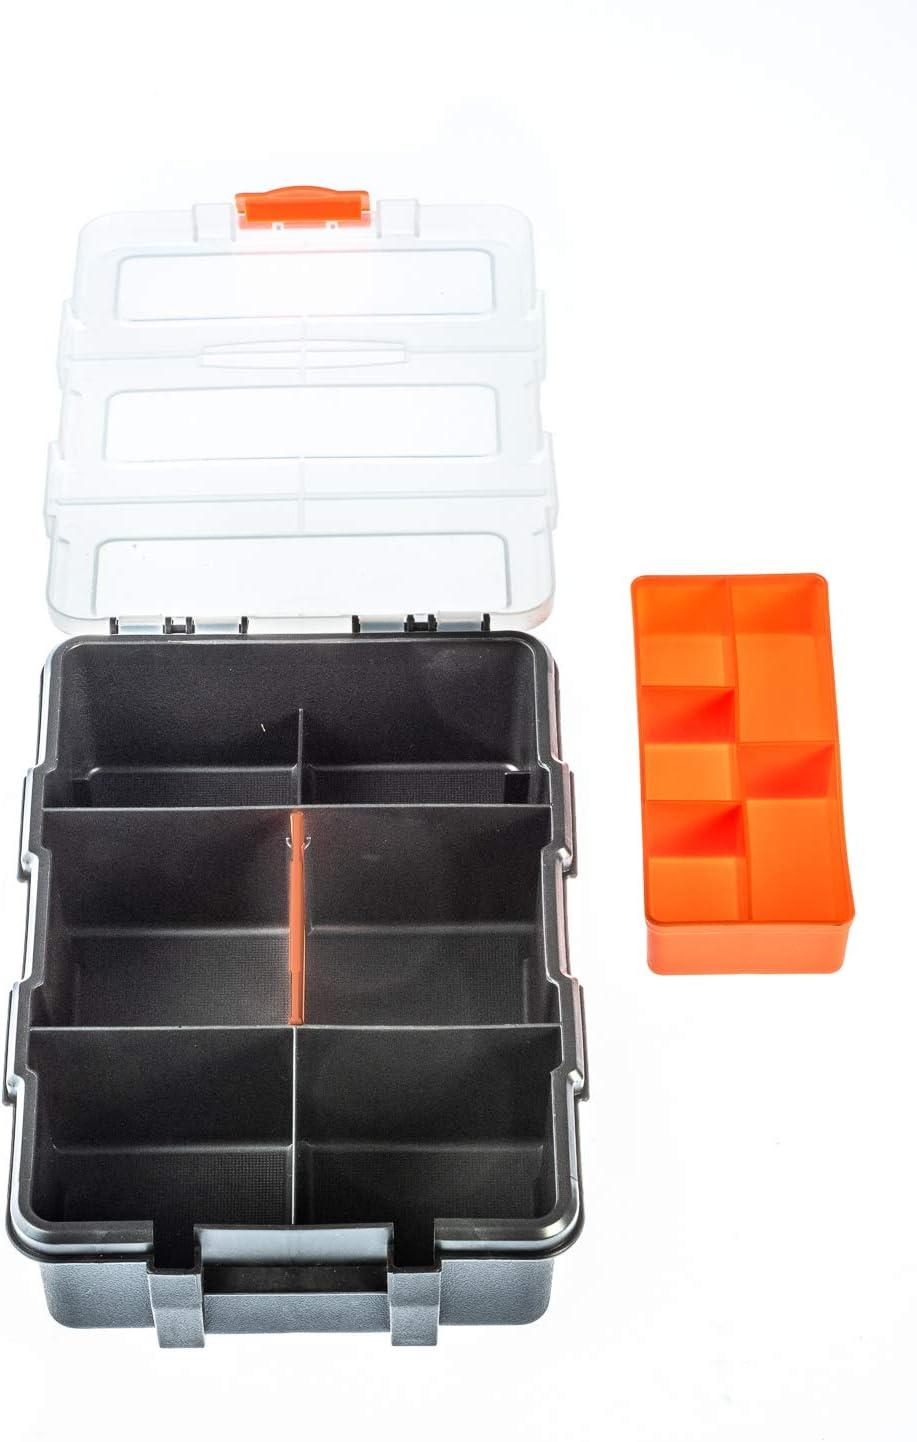 SE 87113DB Contenedor de plástico multisección (8.5 x 6 x 2.25 pulgadas): Amazon.es: Bricolaje y herramientas